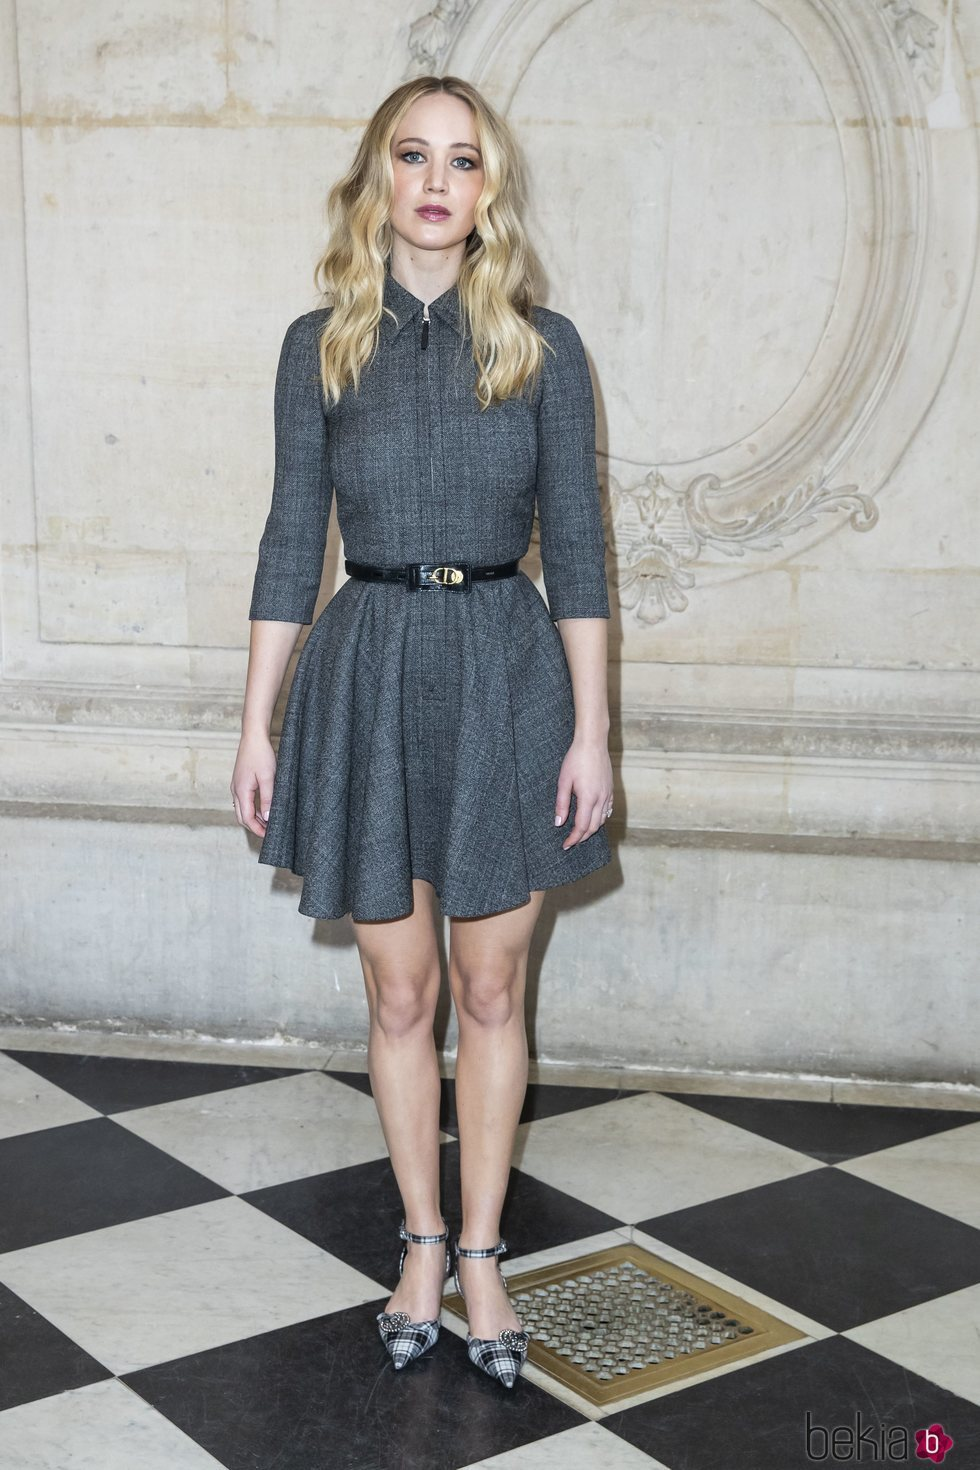 725b54ac0 Jennifer Lawrence luce un corto vestido gris - Los mejores y peores ...